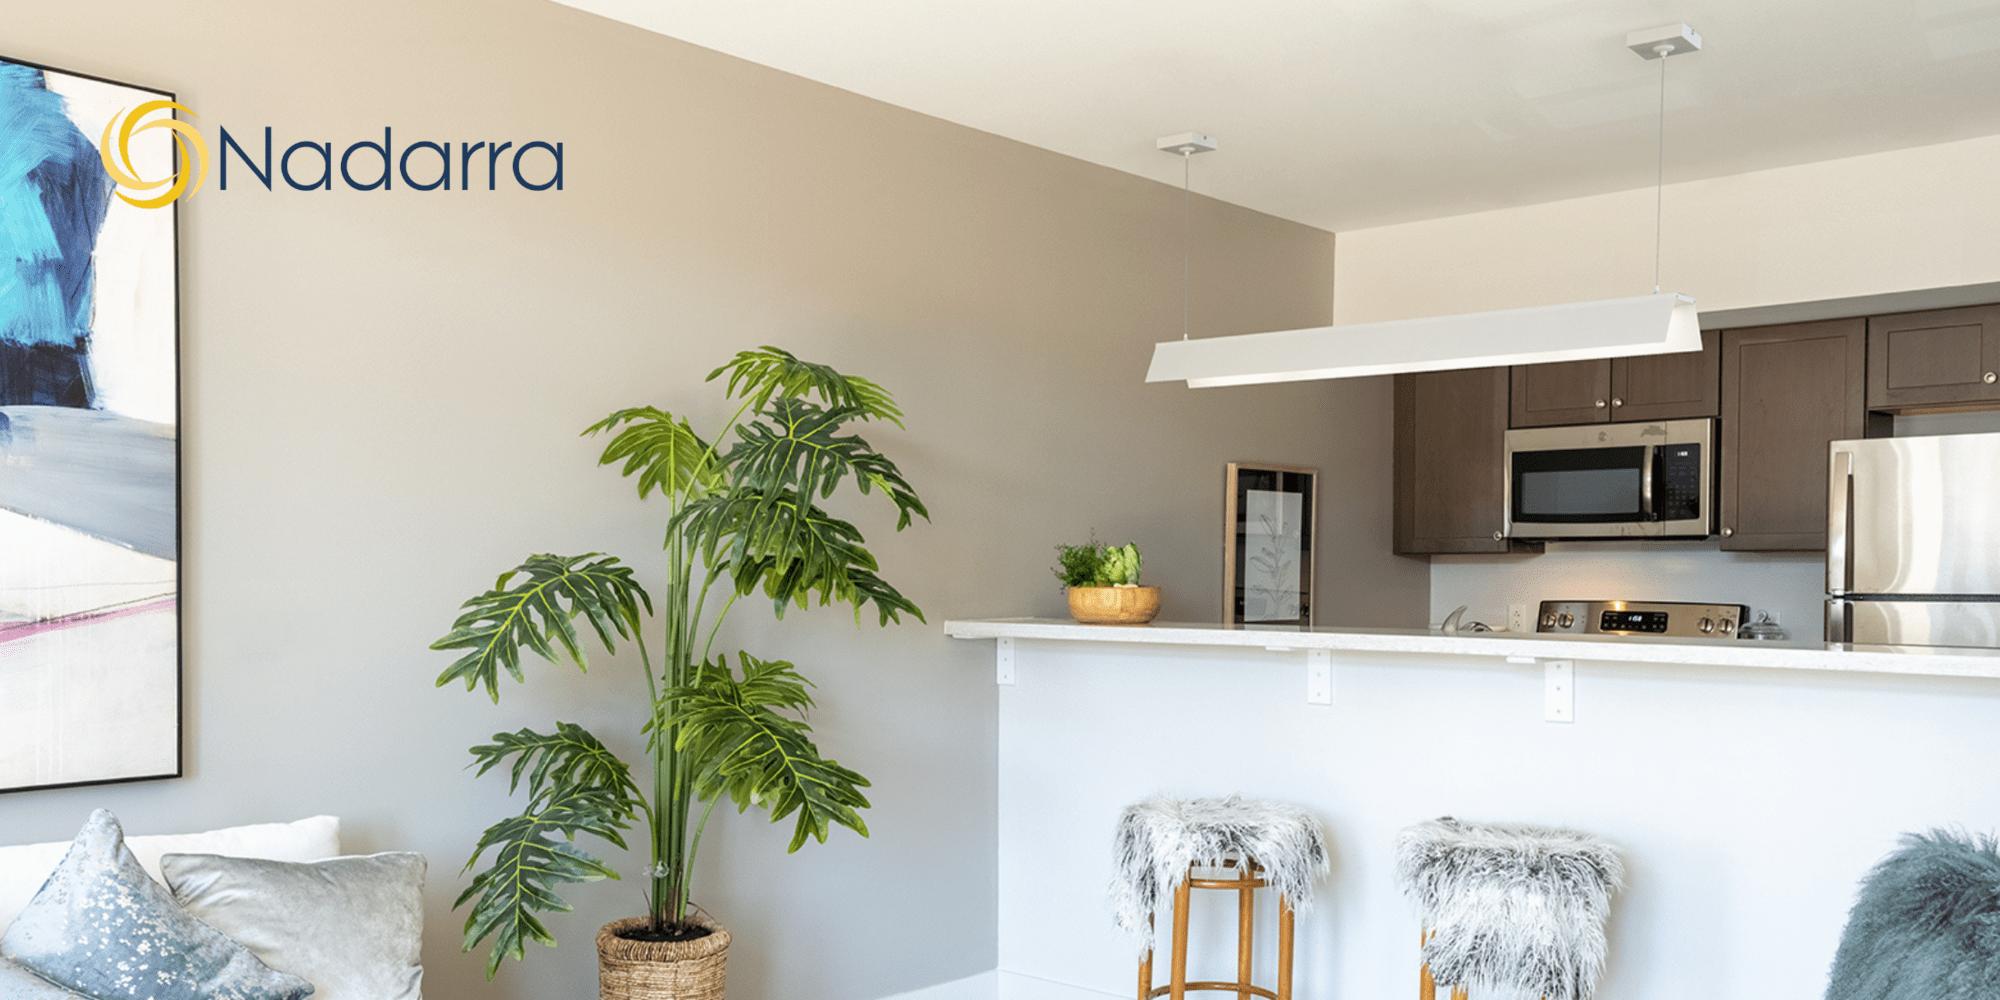 Nadarra Lighting | Orpa Linear